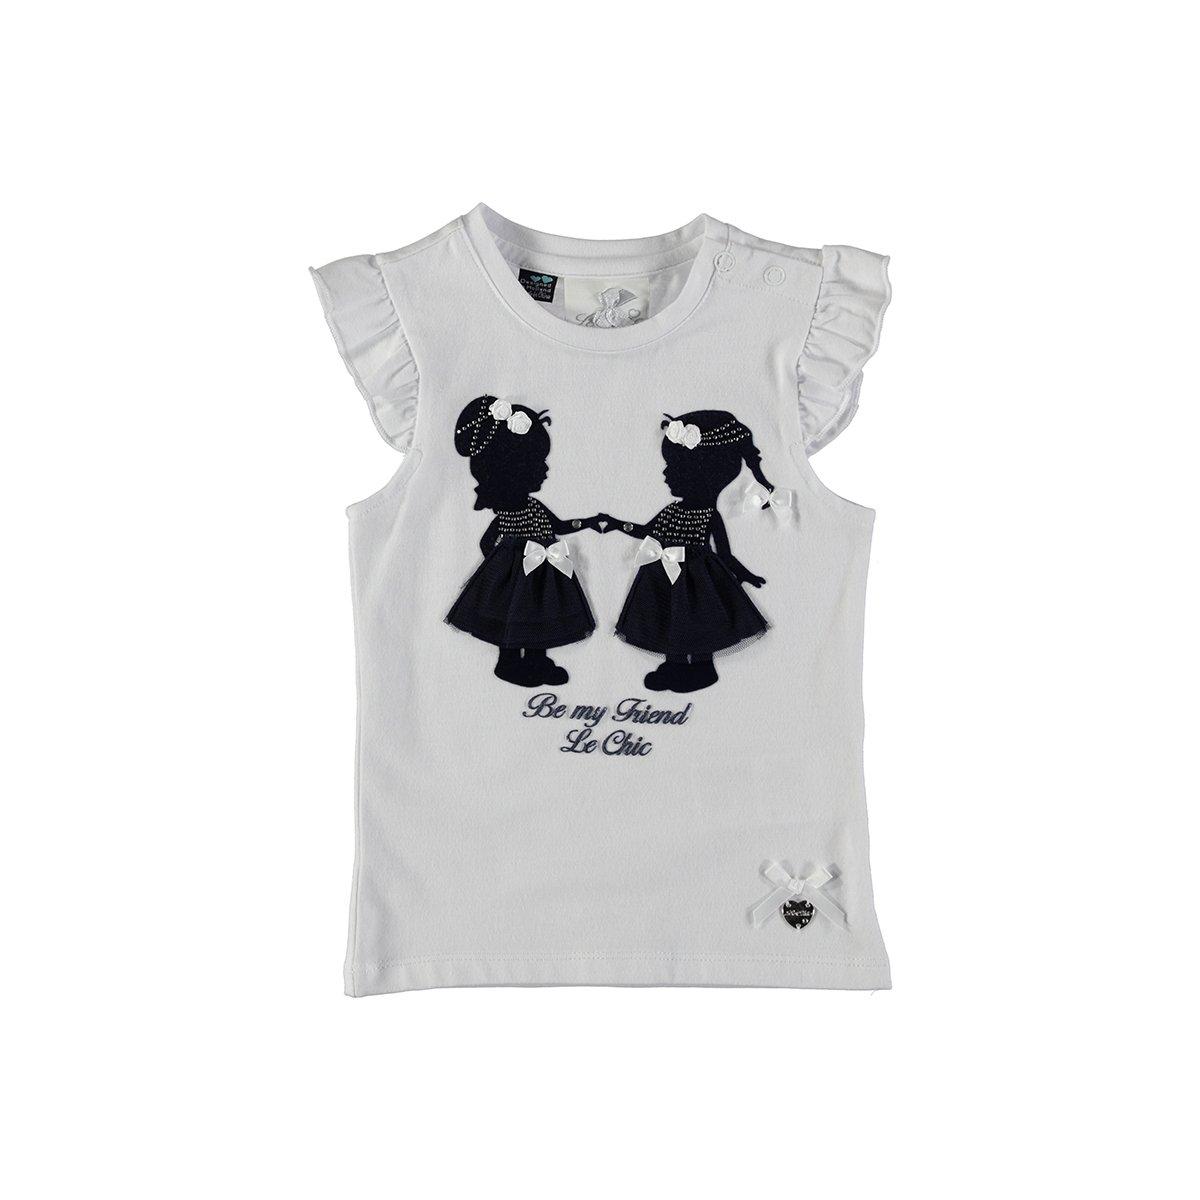 Kinderkleding Winkel Te Koop.3hartjes Com On Twitter Le Chic Nieuw Collectie Is Ook Te Koop In